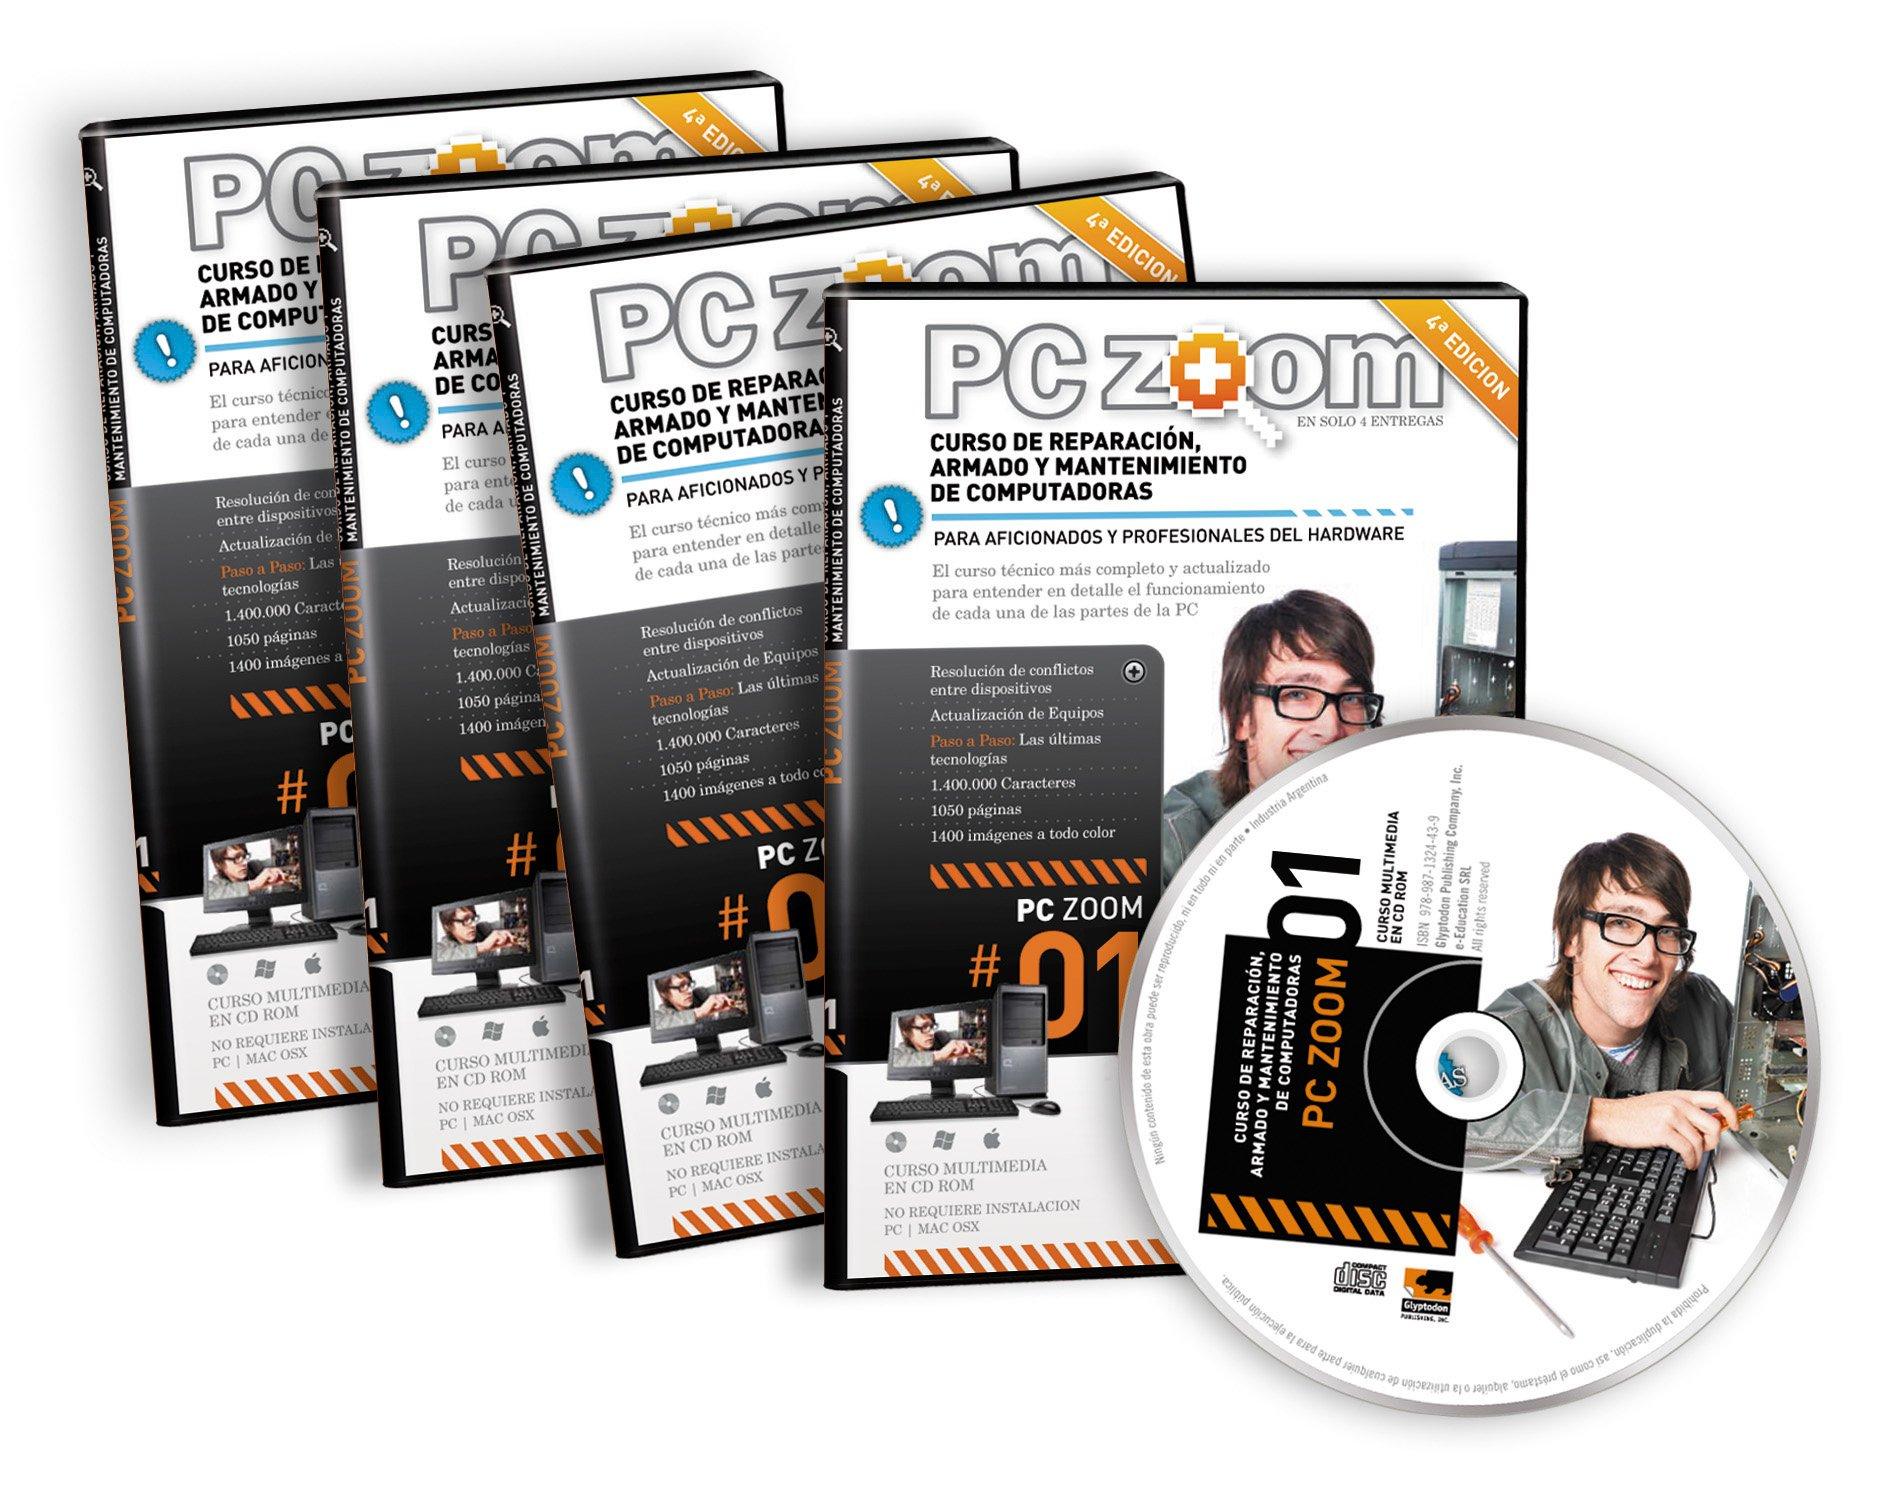 PC Zoom, Curso de Reparacion Armado y Mantenimiento de Computadoras, 2013 (Spanish Edition): Gaston Gonzales, Daniel Di Giacinti: 9789871324446: Amazon.com: ...